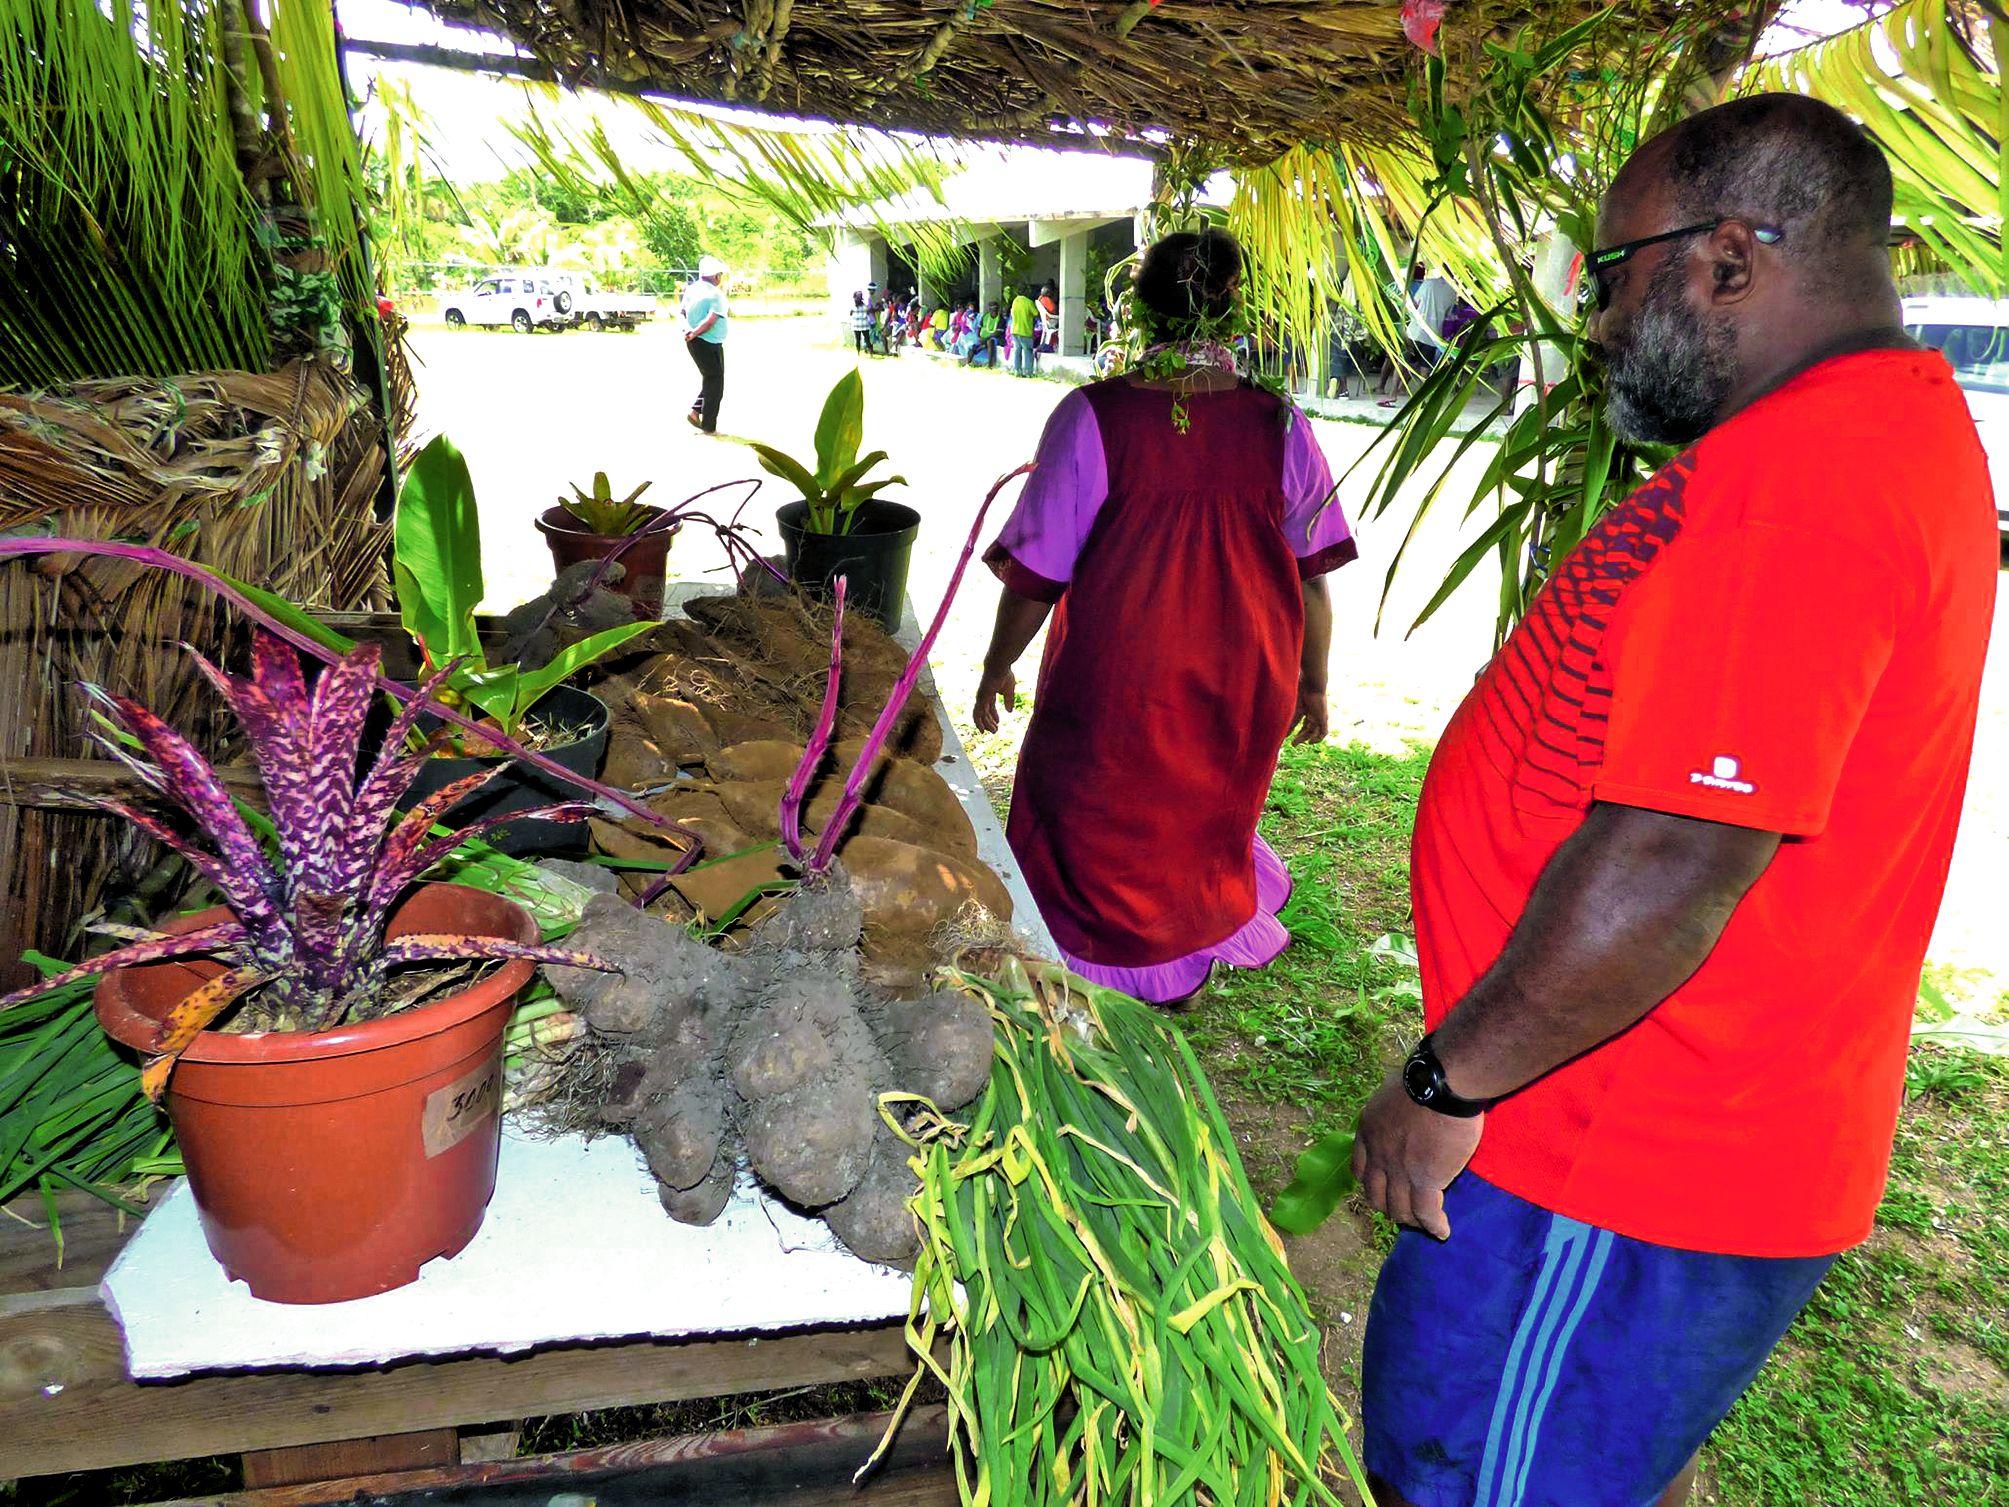 Dans la trentaine de stands, les producteurs locaux sont venus exposer leurs fruits et légumes afin d'apporter un peu plus de couleurs et de senteurs et surtout vendre leur production, notamment les wael, des ignames tardives à chair blanche.